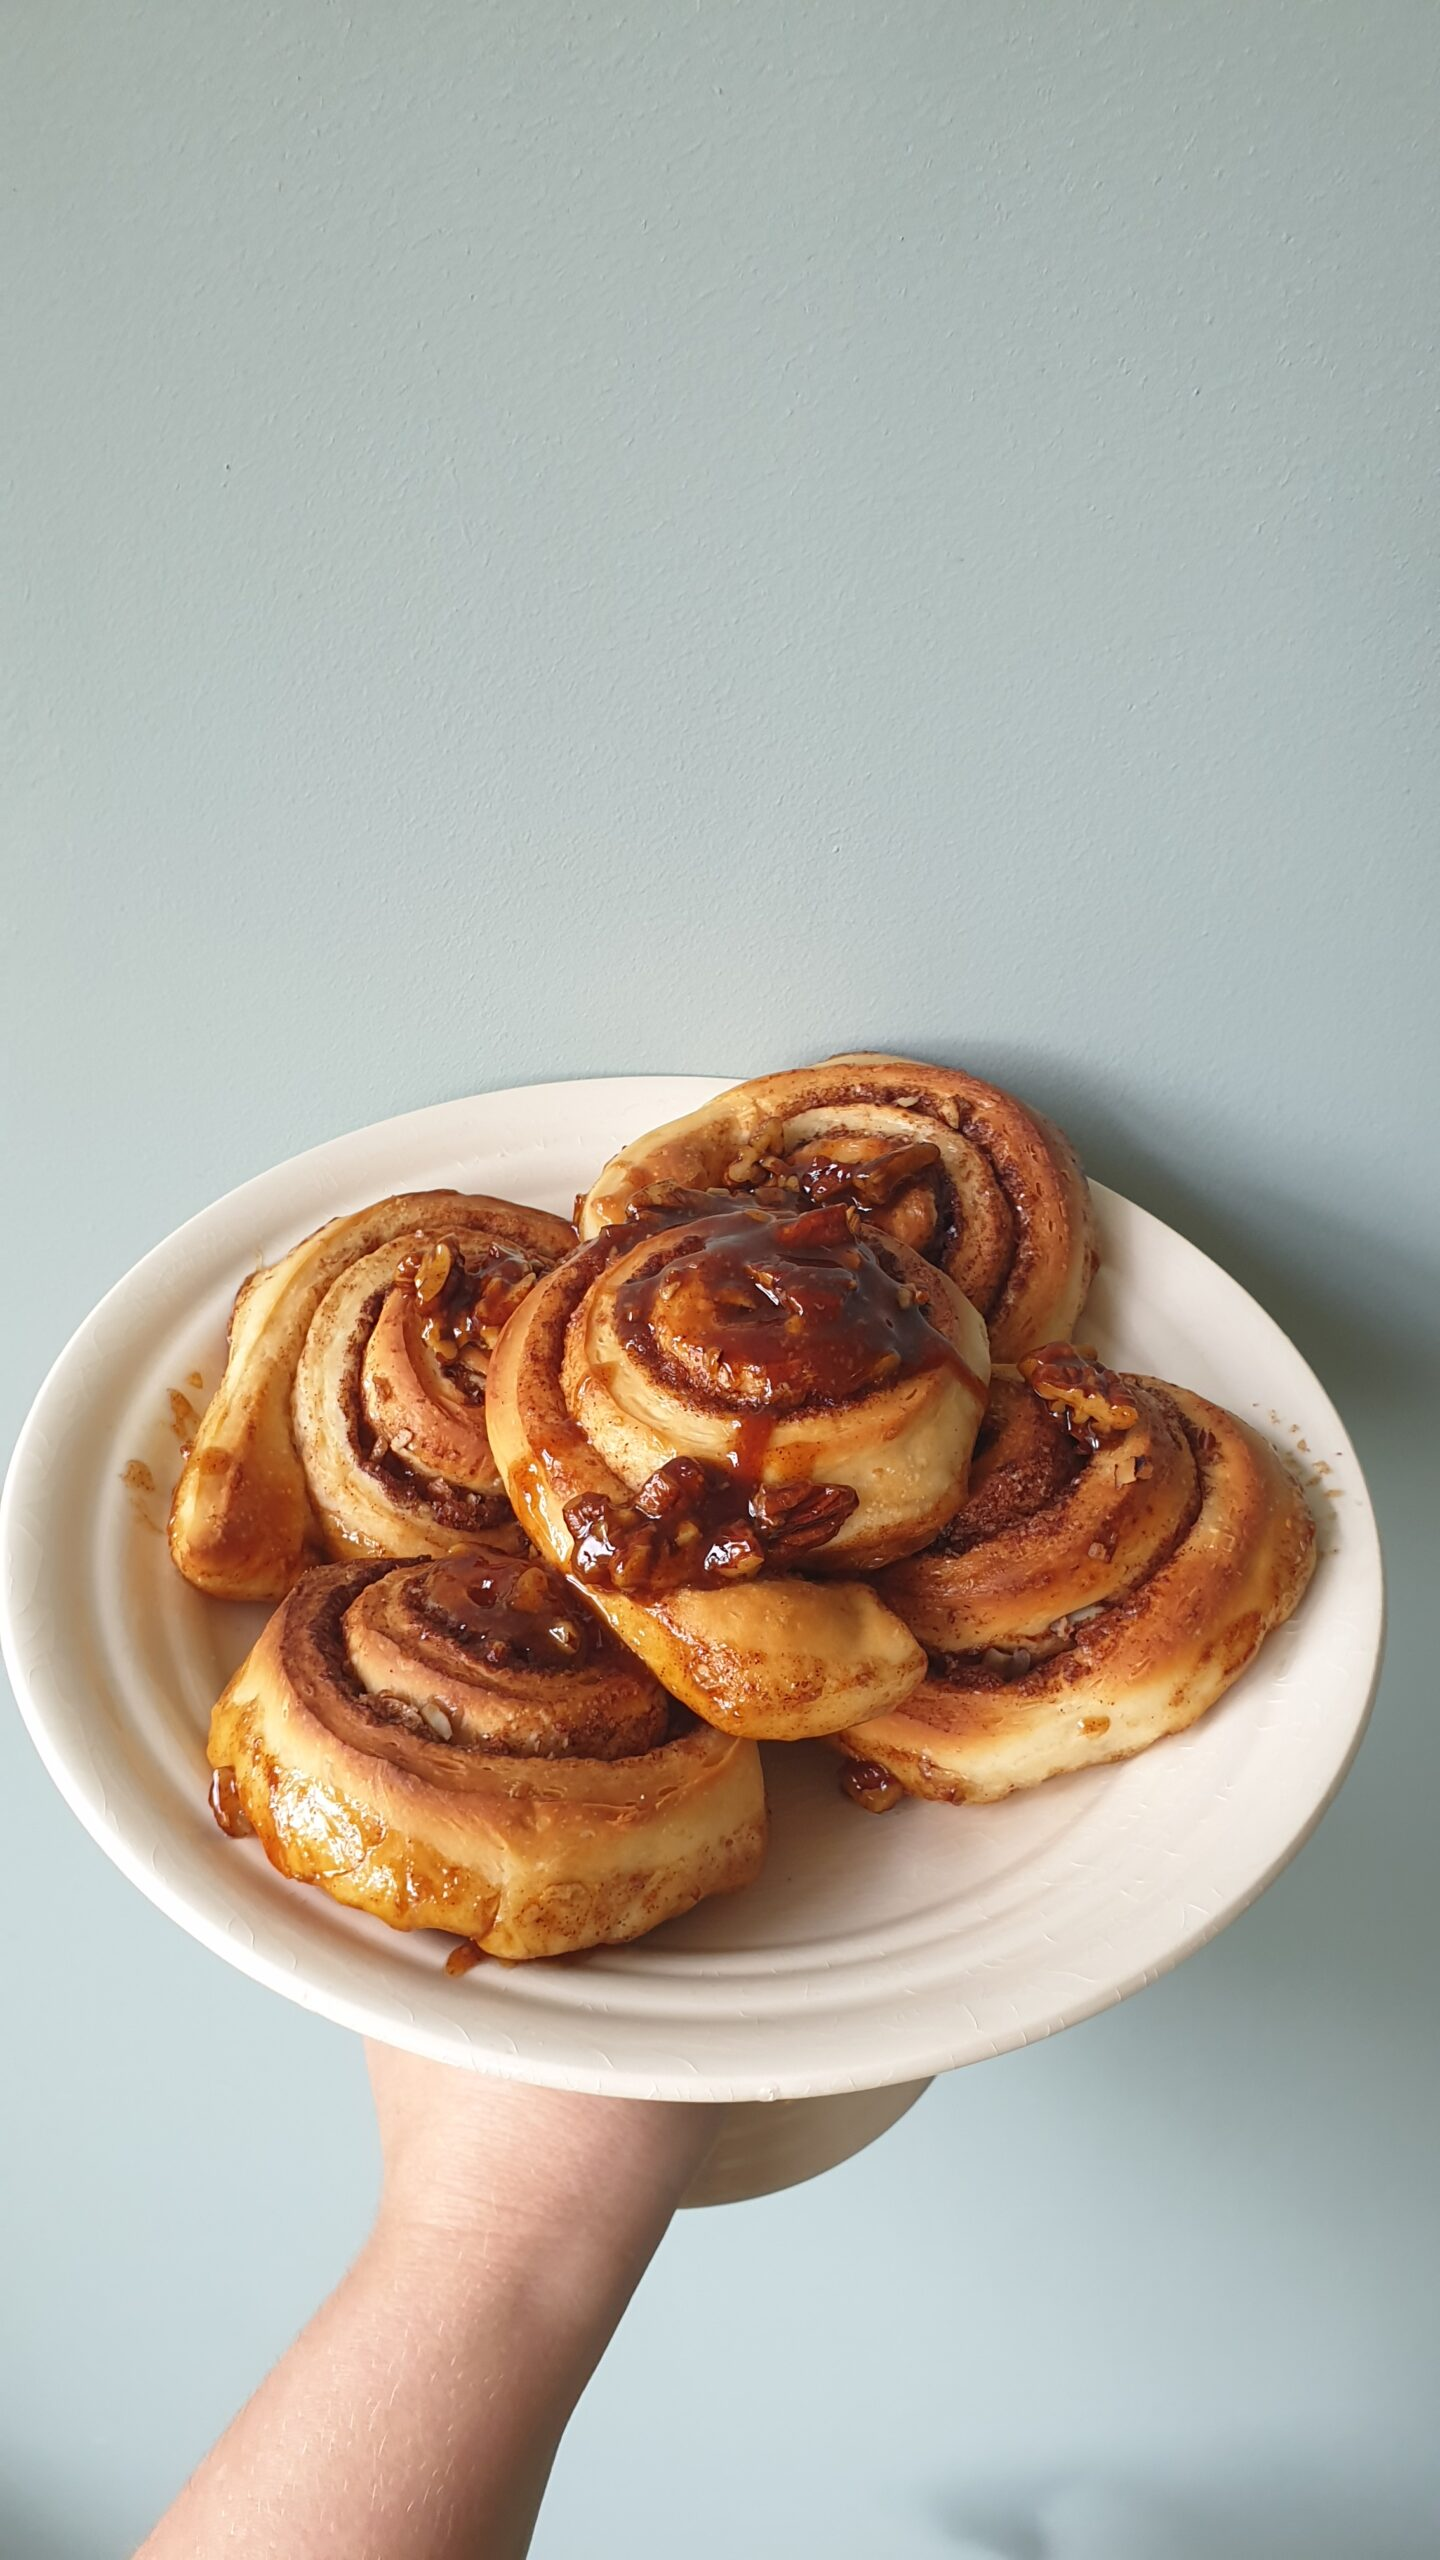 Cinnamon rolls 2.0 met pecannoten en karamelsaus